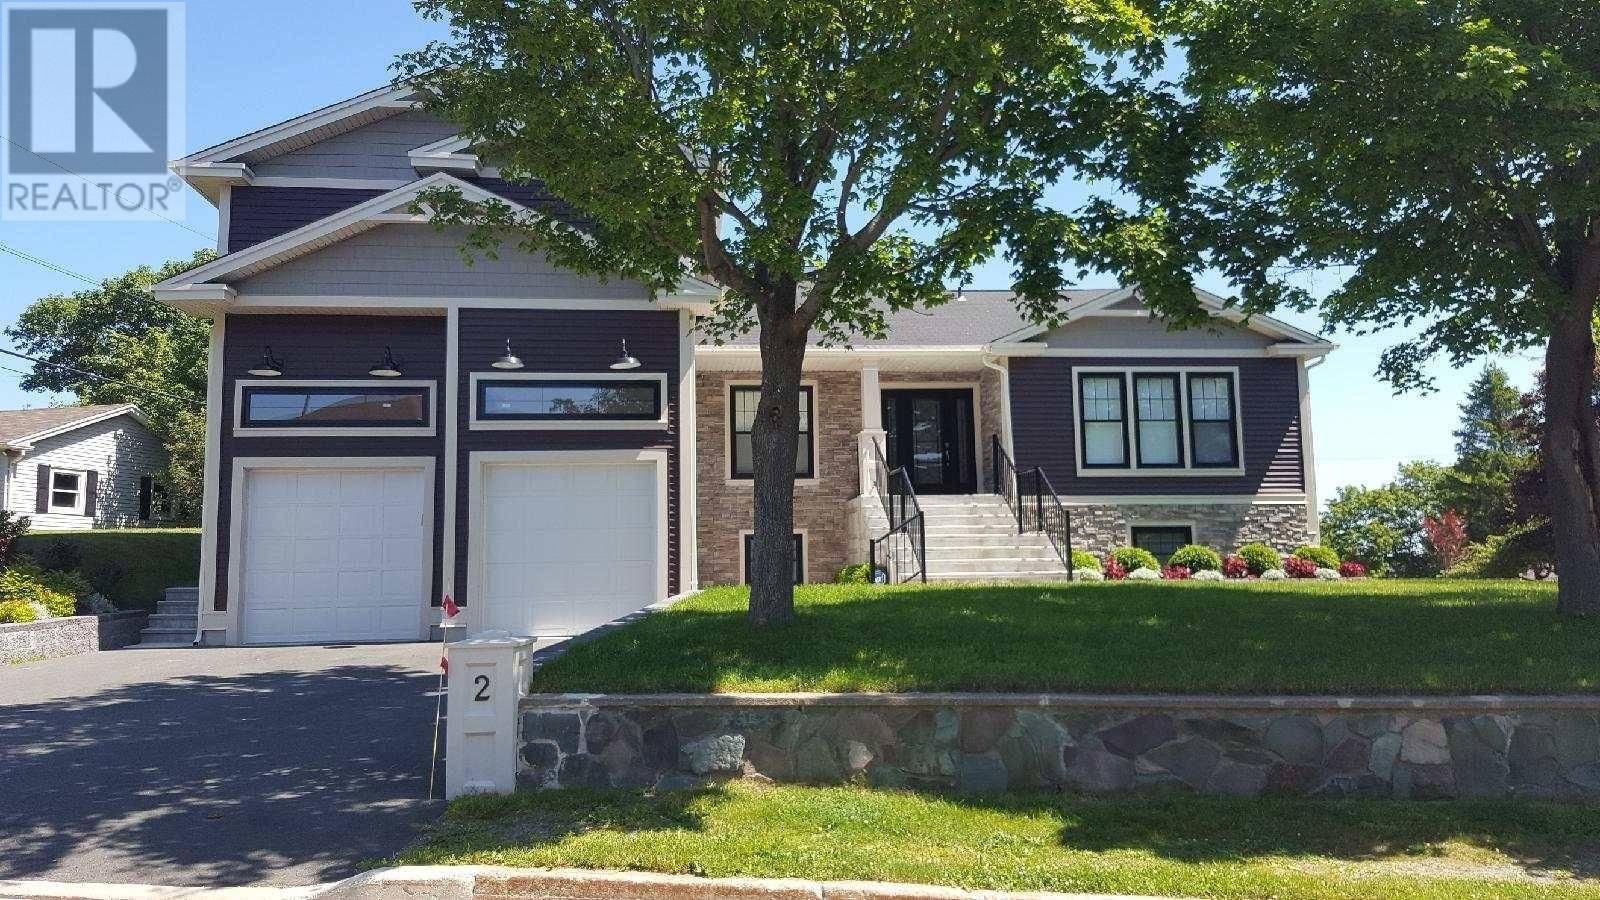 House for sale at 2 Linden Pl St. John's Newfoundland - MLS: 1193740